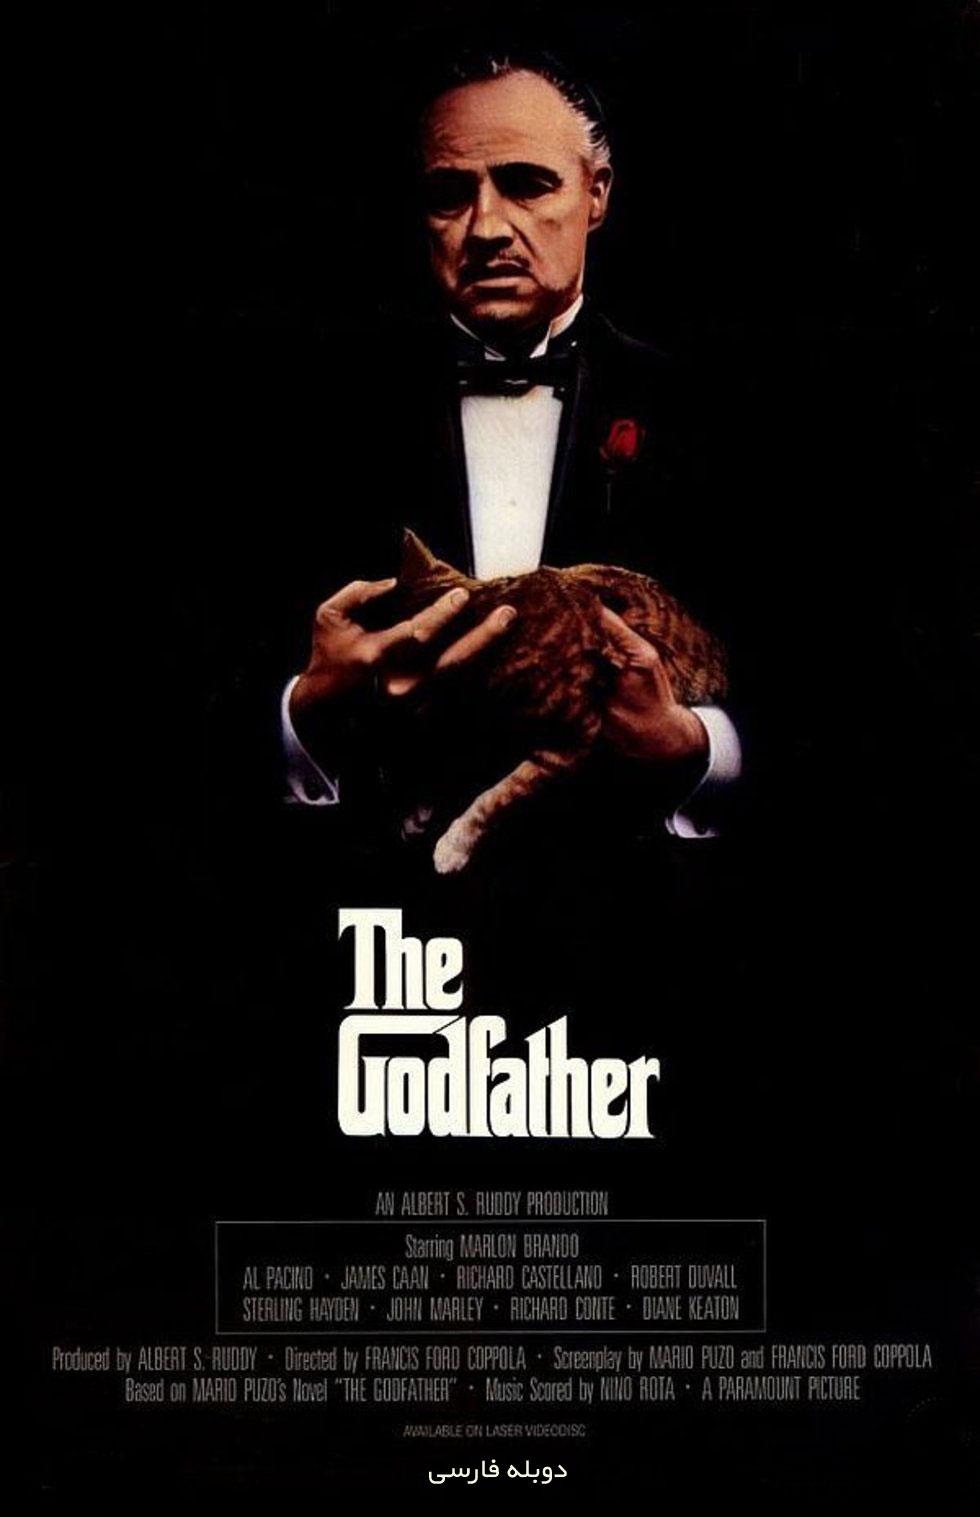 The Godfather1 - دانلود فیلم The Godfather1 پدر خوانده دوبله فارسی با لینک مستقیم